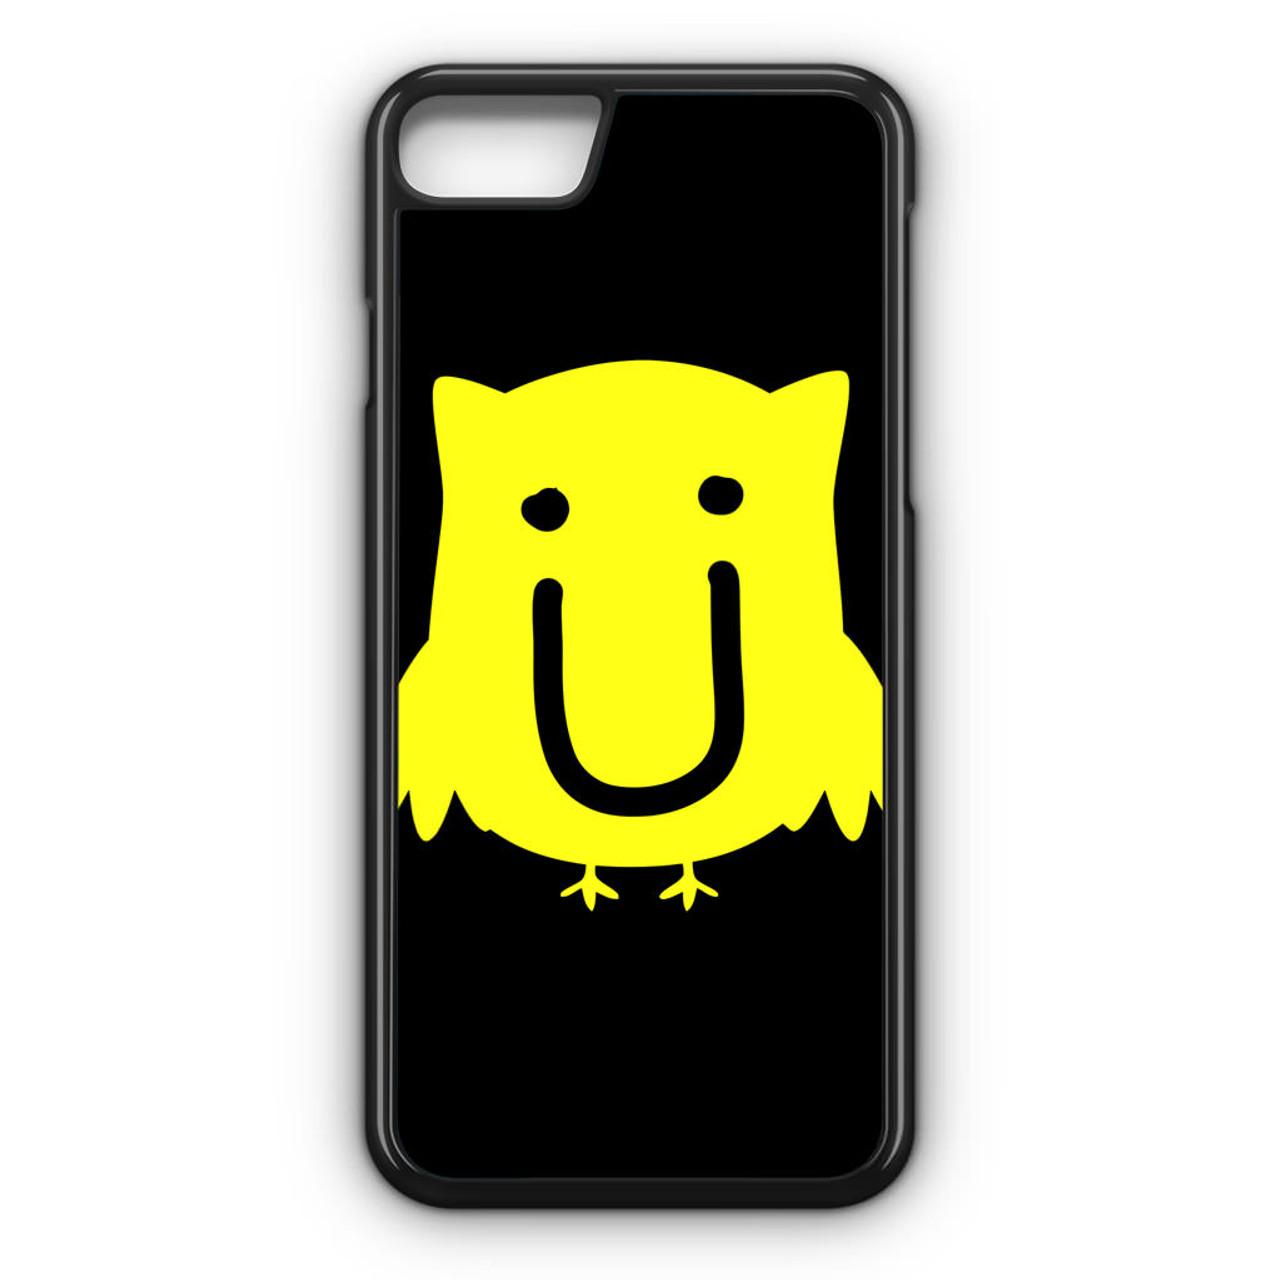 jack u owl logo iphone 8 case caseshunter